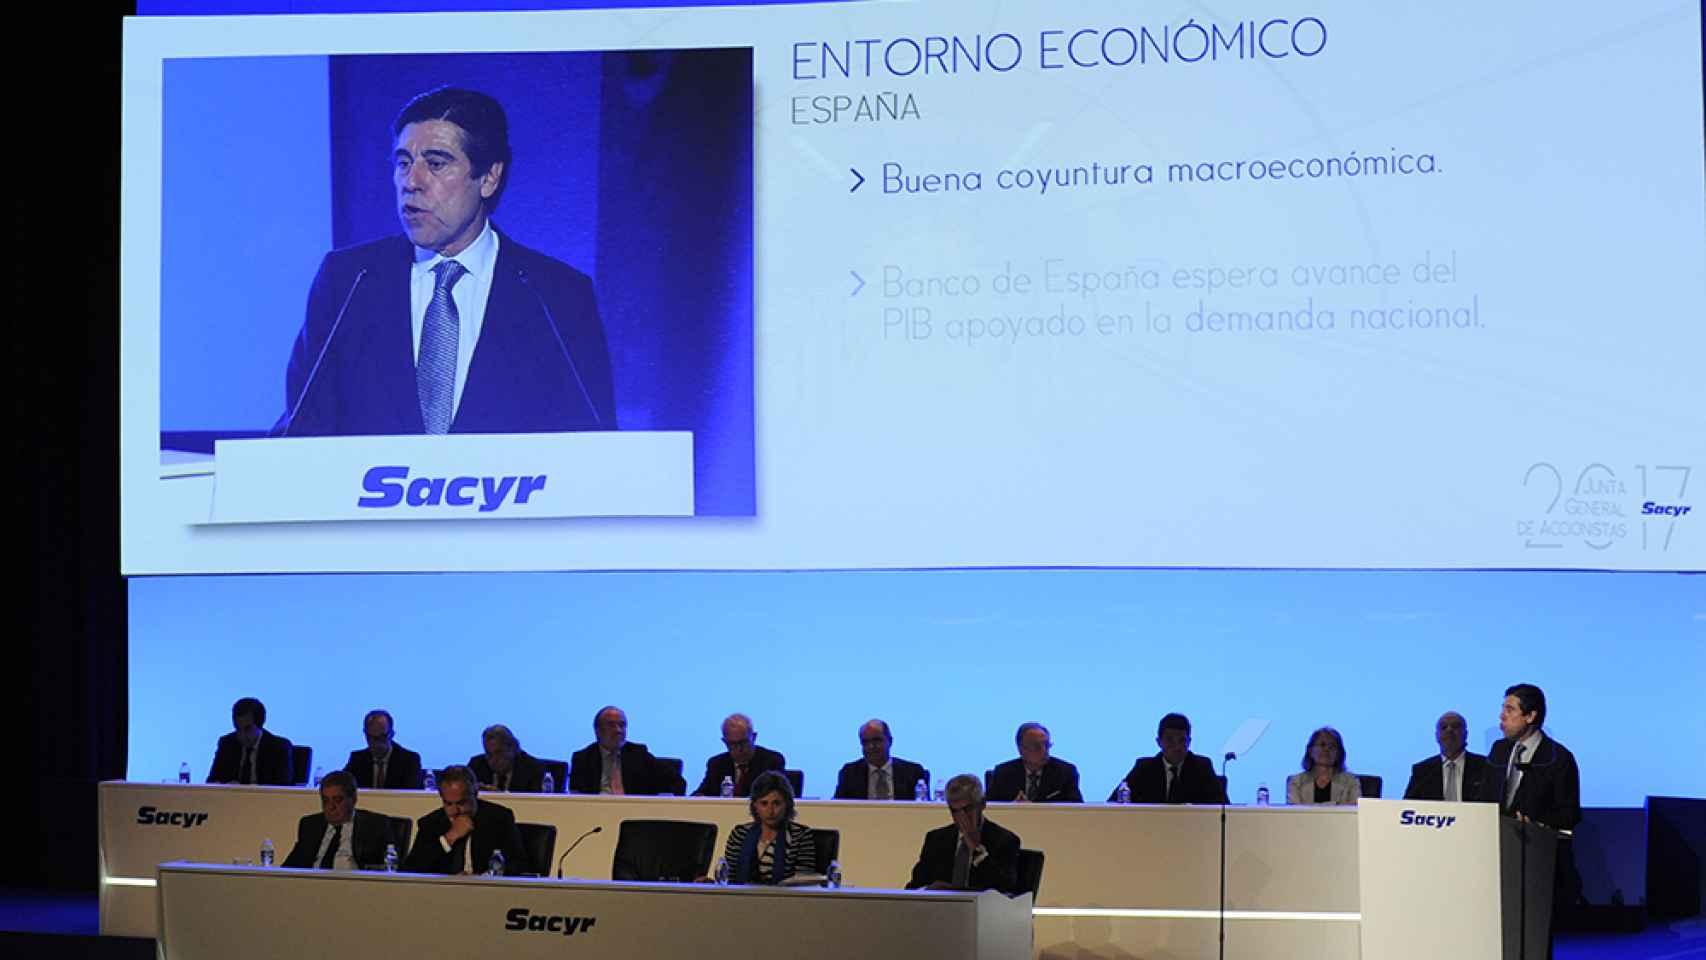 El presidente de Sacyr, Manuel Manrique, interviene en la última junta de accionistas.